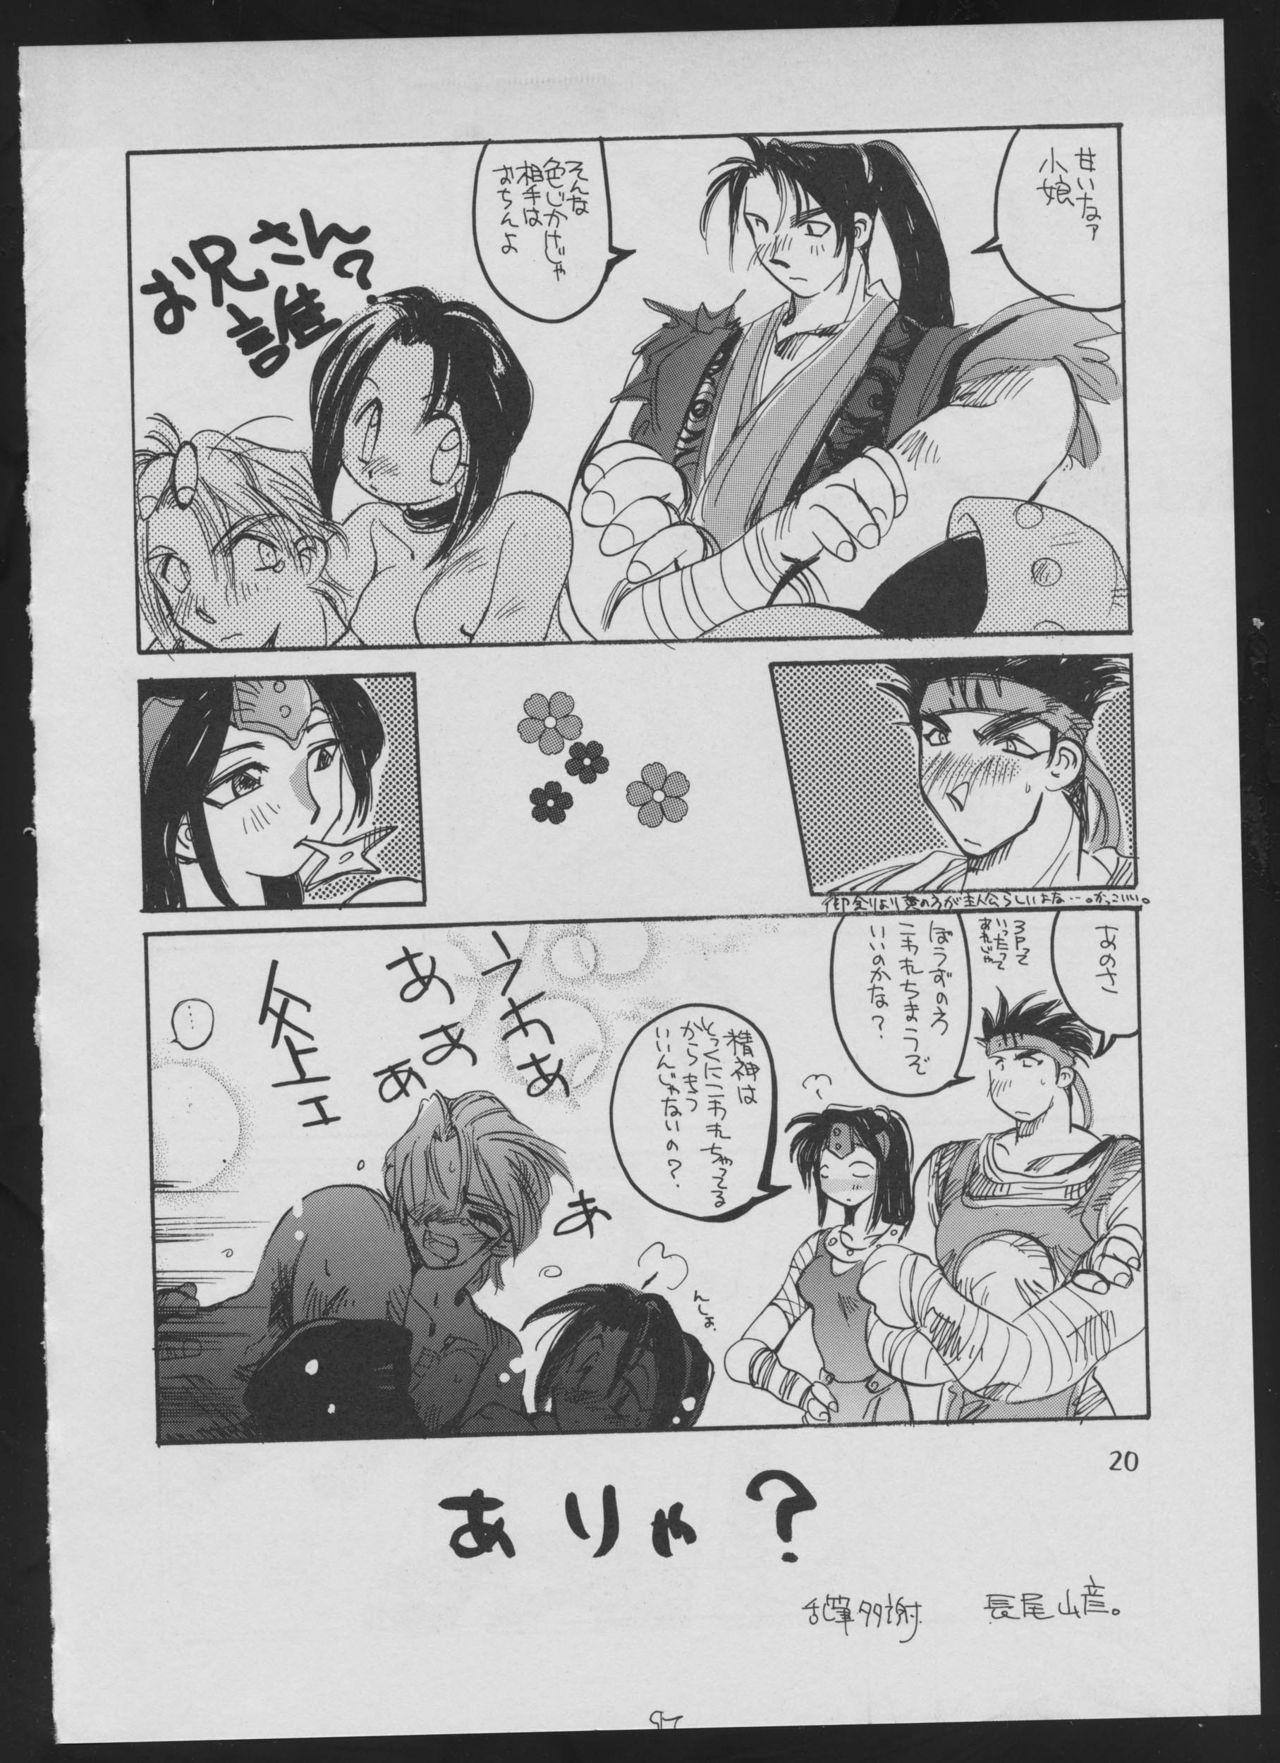 '96 Natsu no Game 18-kin Special 19